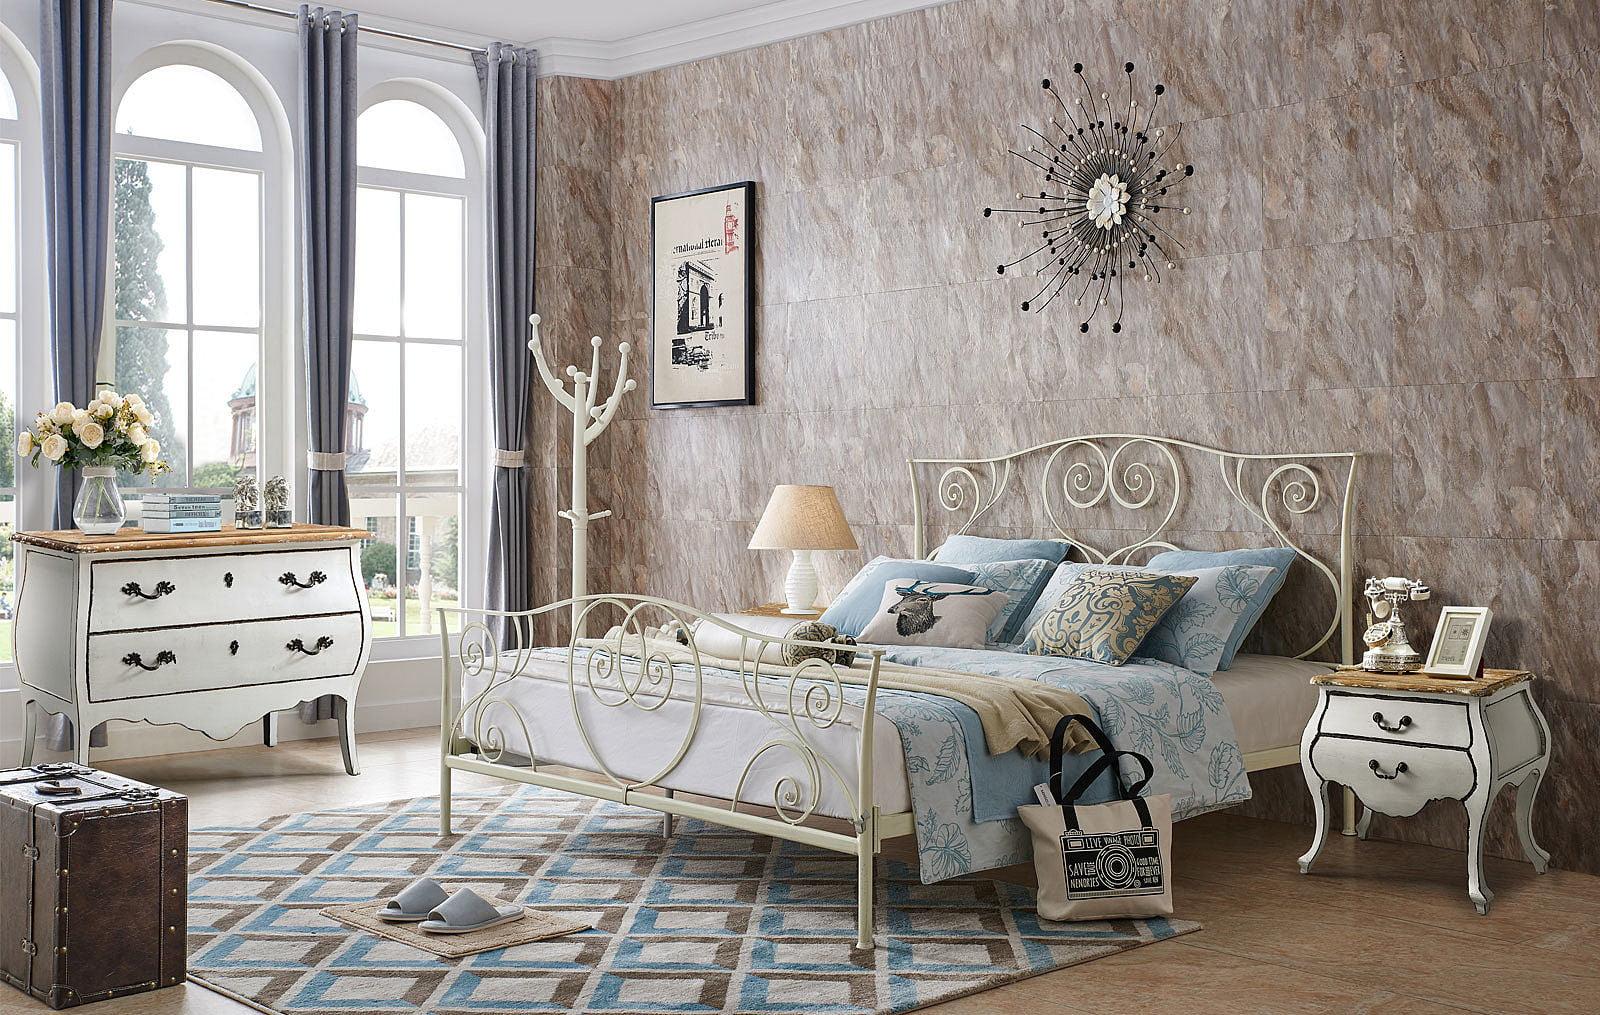 Дизайнерская мебель в стиле прованс